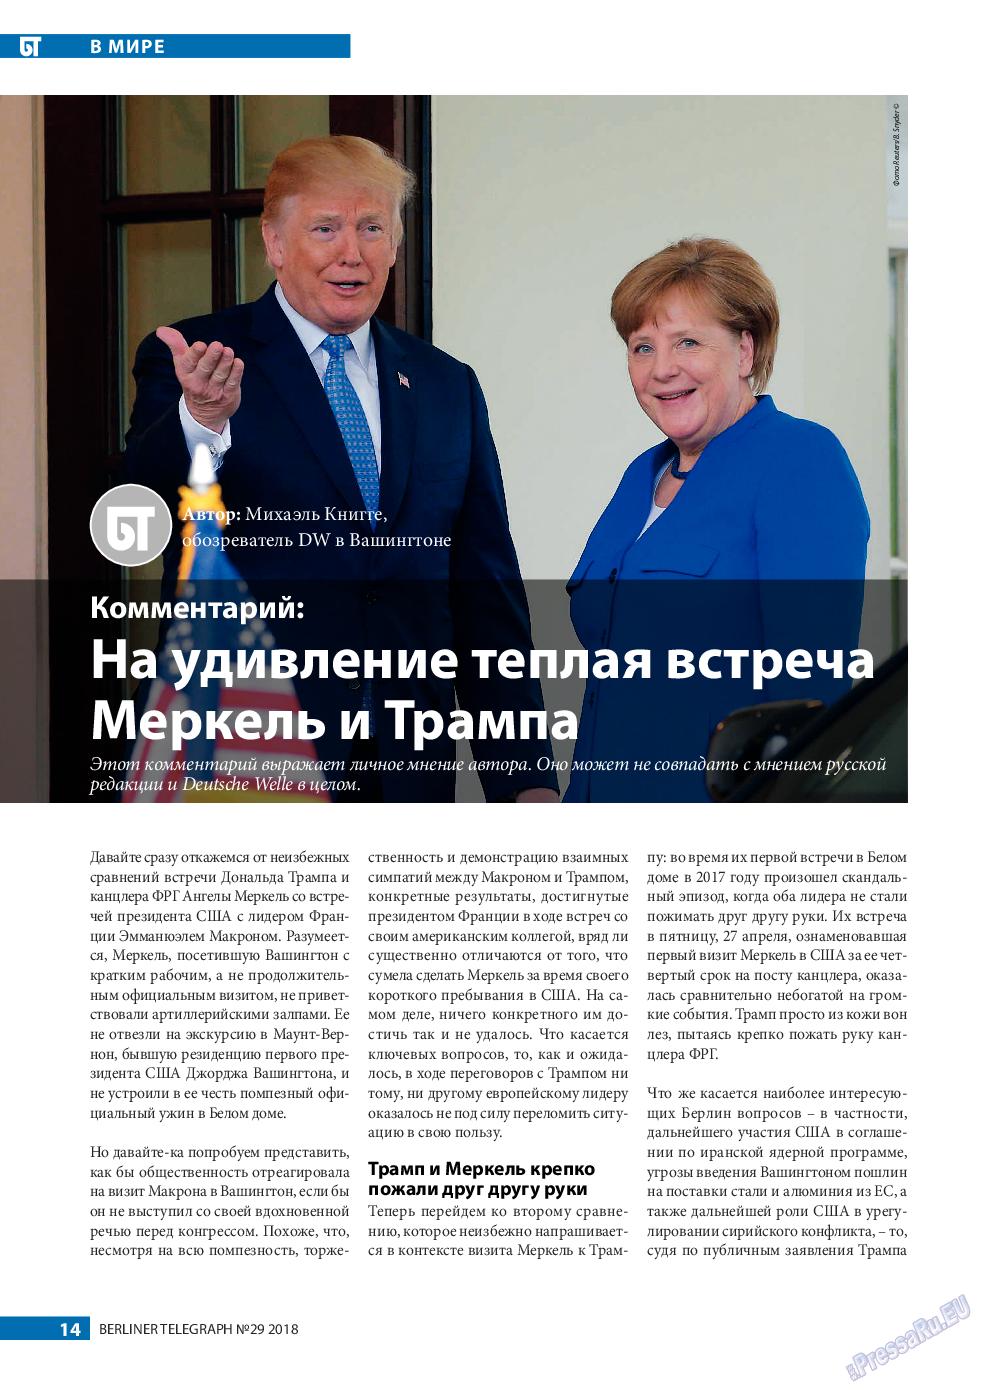 Берлинский телеграф (журнал). 2018 год, номер 29, стр. 14